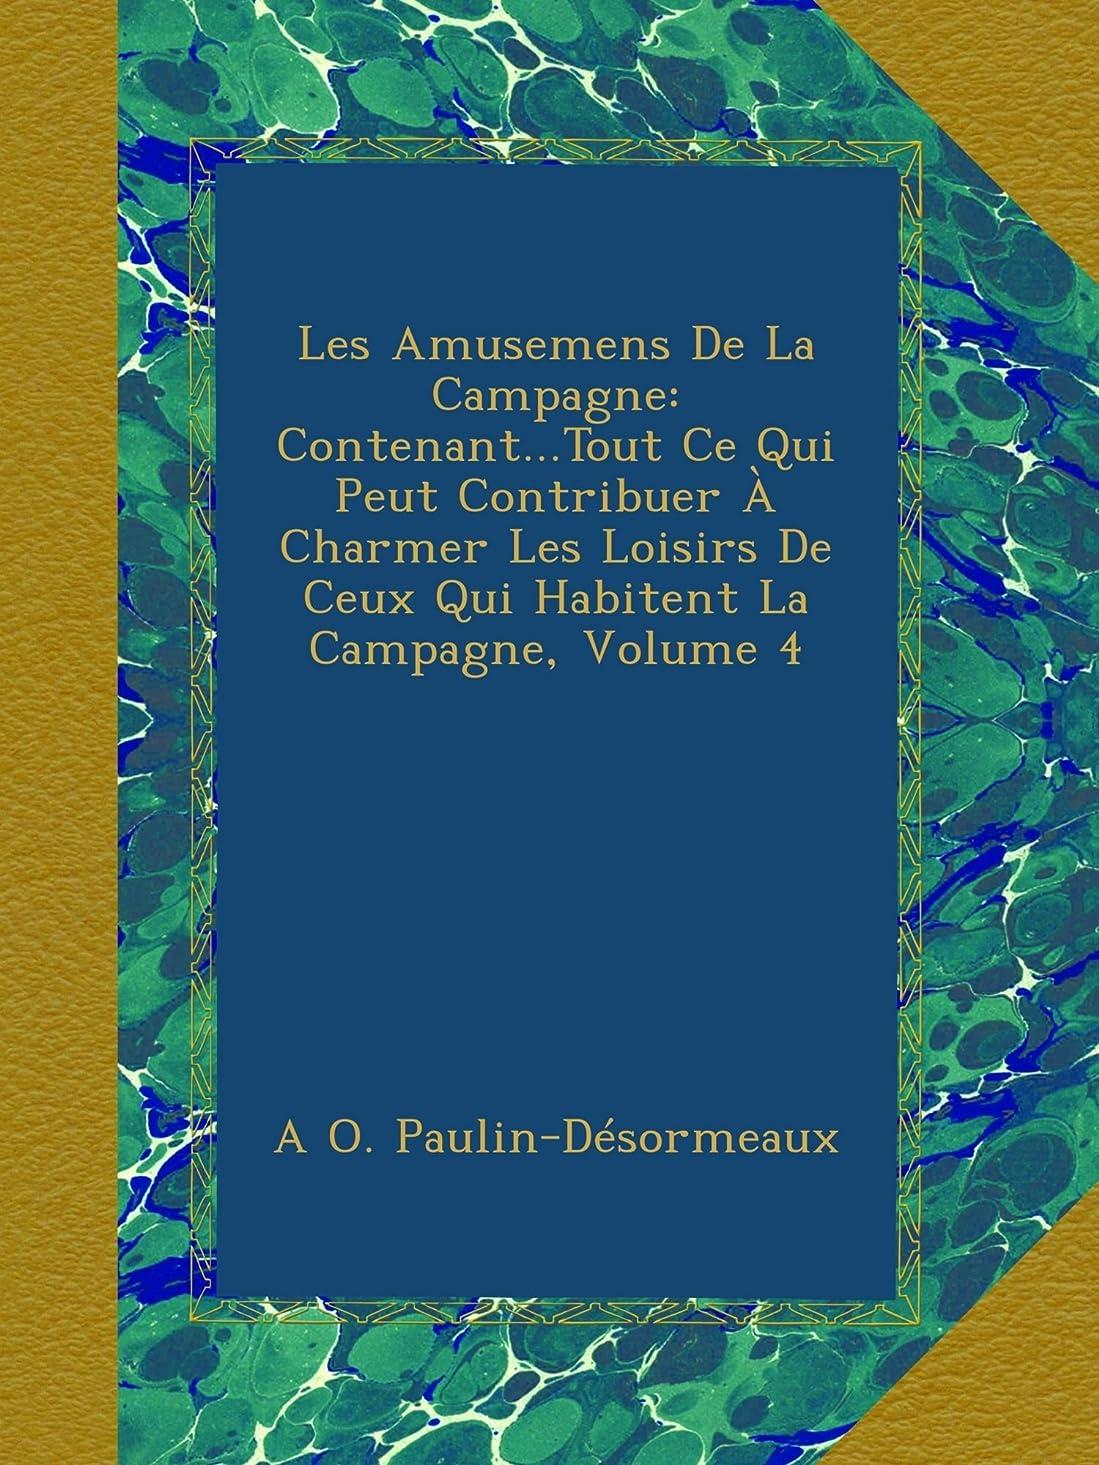 例外首尾一貫した震えるLes Amusemens De La Campagne: Contenant...Tout Ce Qui Peut Contribuer à Charmer Les Loisirs De Ceux Qui Habitent La Campagne, Volume 4